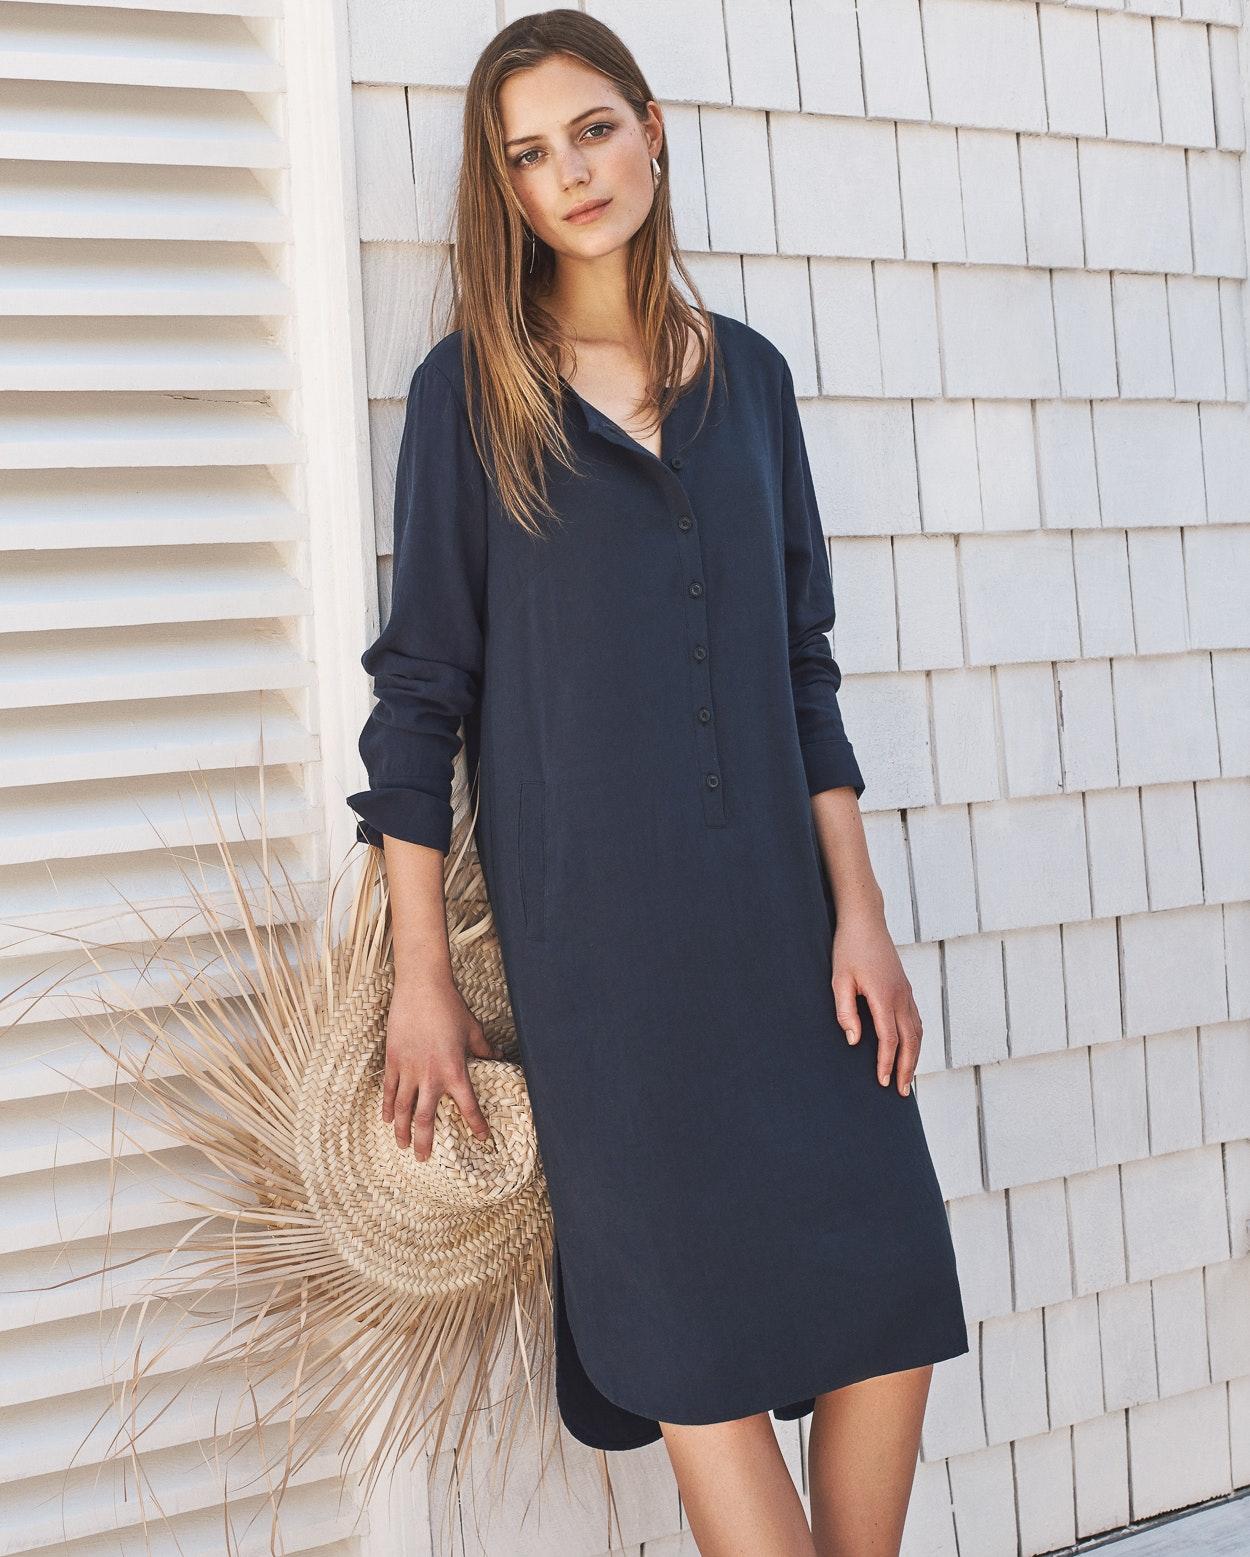 4171bd62d88 Poetry - Viskose-Leinen-Kleid mit Knopfleiste